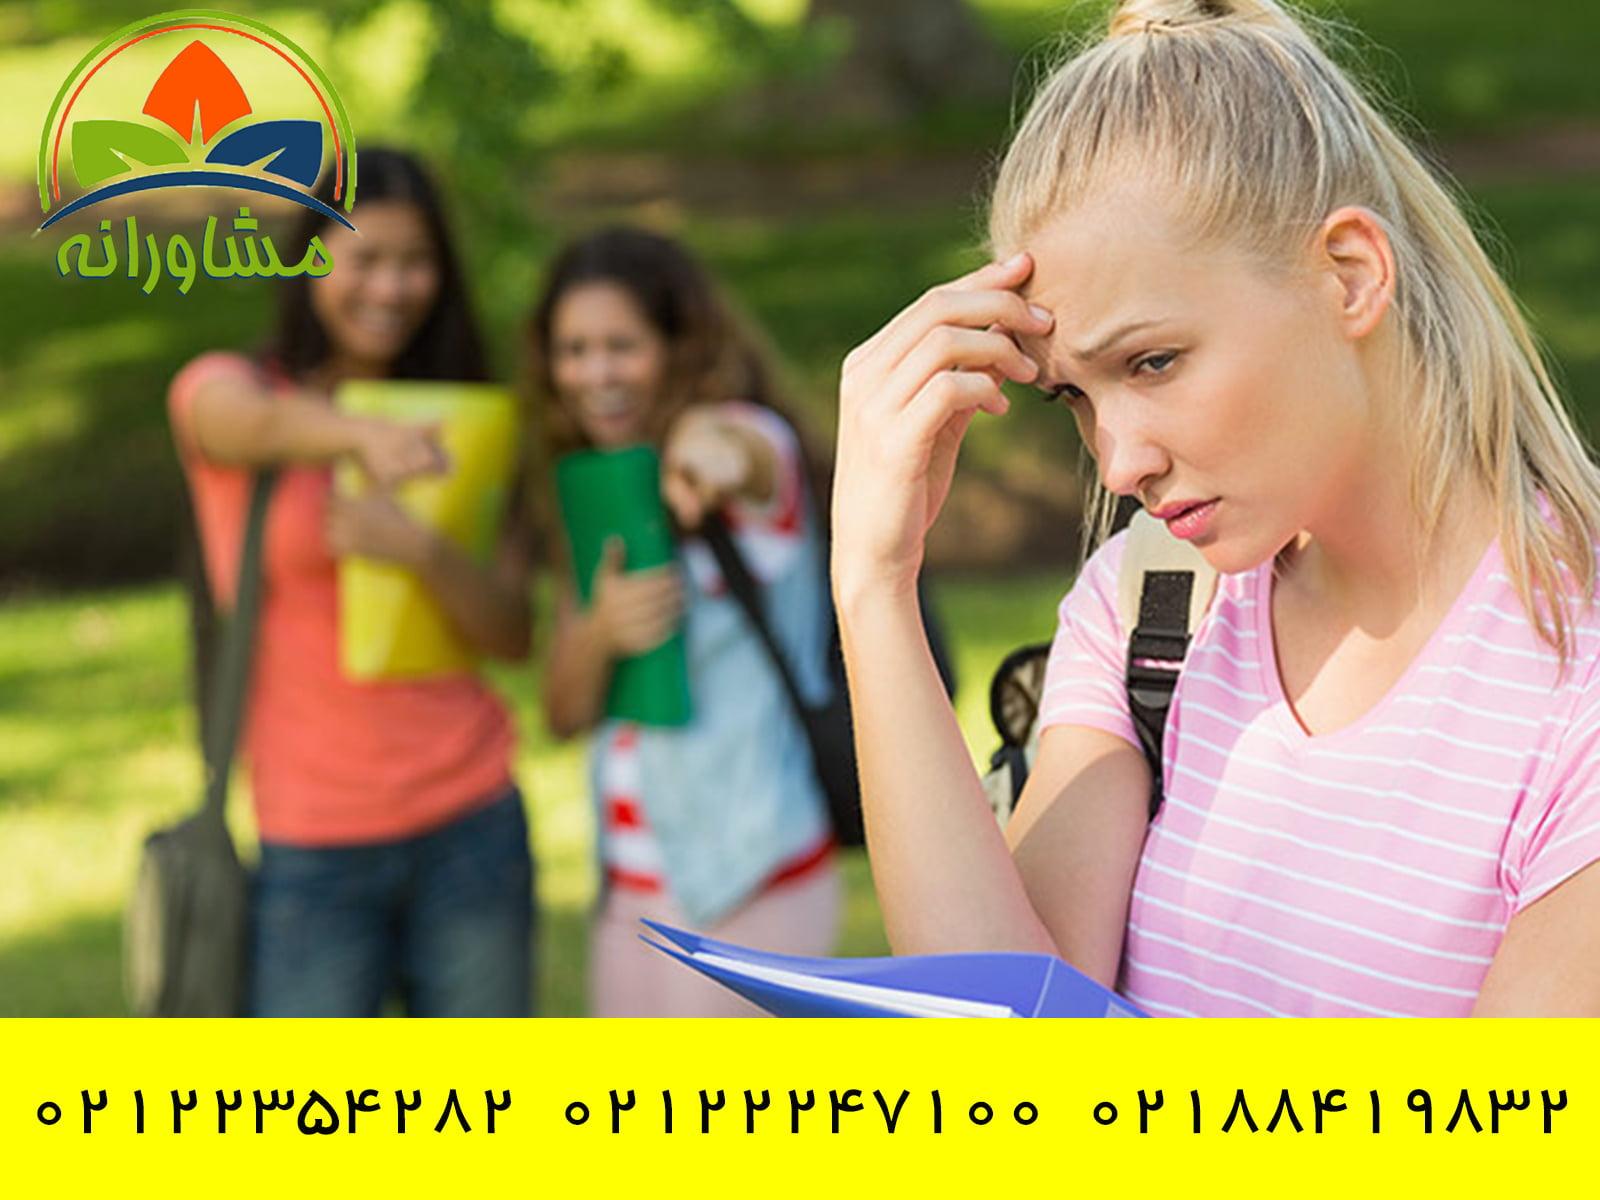 فشار گروه دوستان و همسالان در دوره نوجوانی 13-19 سالگی